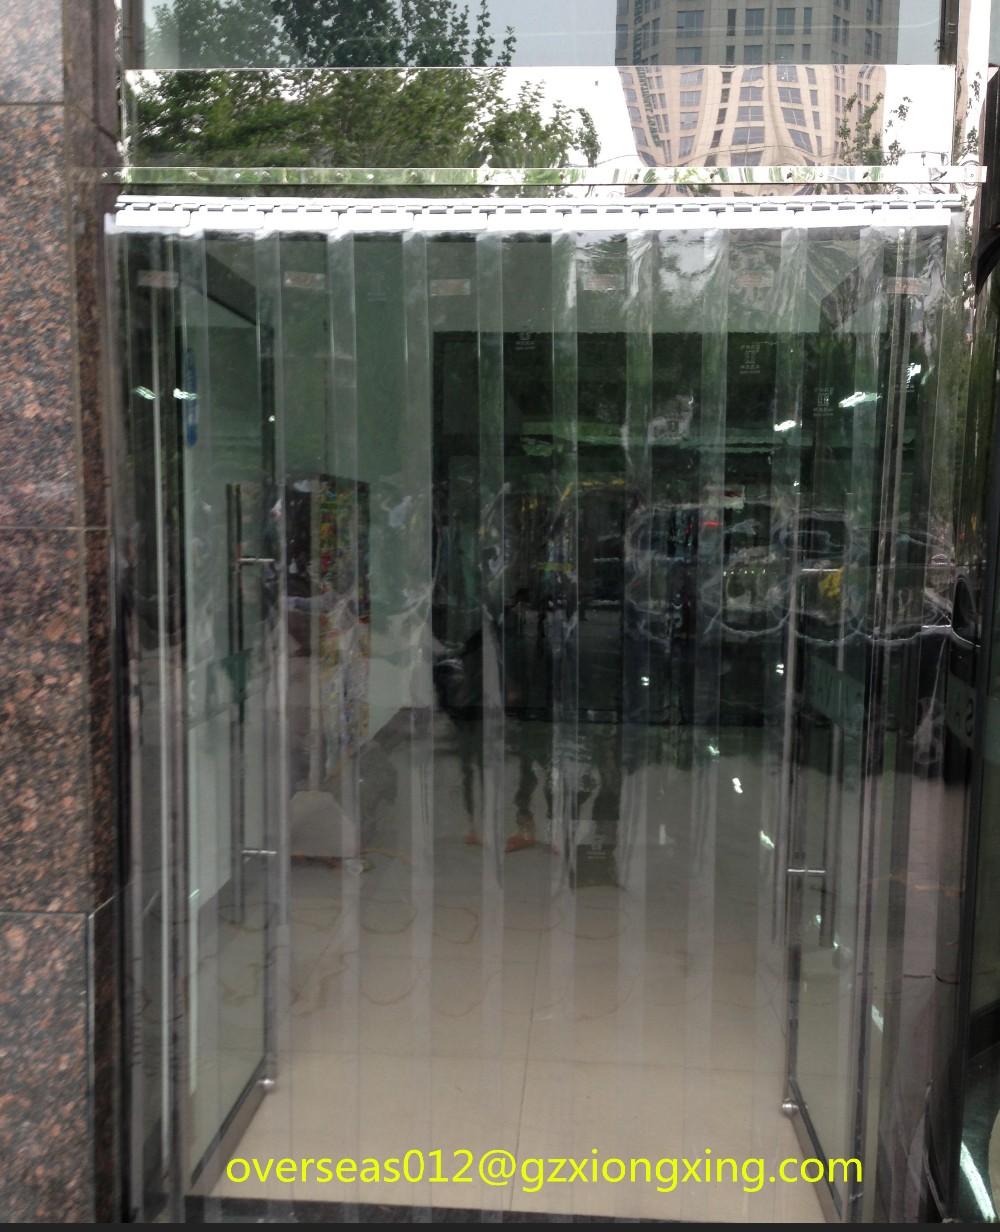 jiuzxiongxing rideau anti uv en film plastique super transparent pour porte souple buy film plastique anti uv rideau en bande rideau en pvc